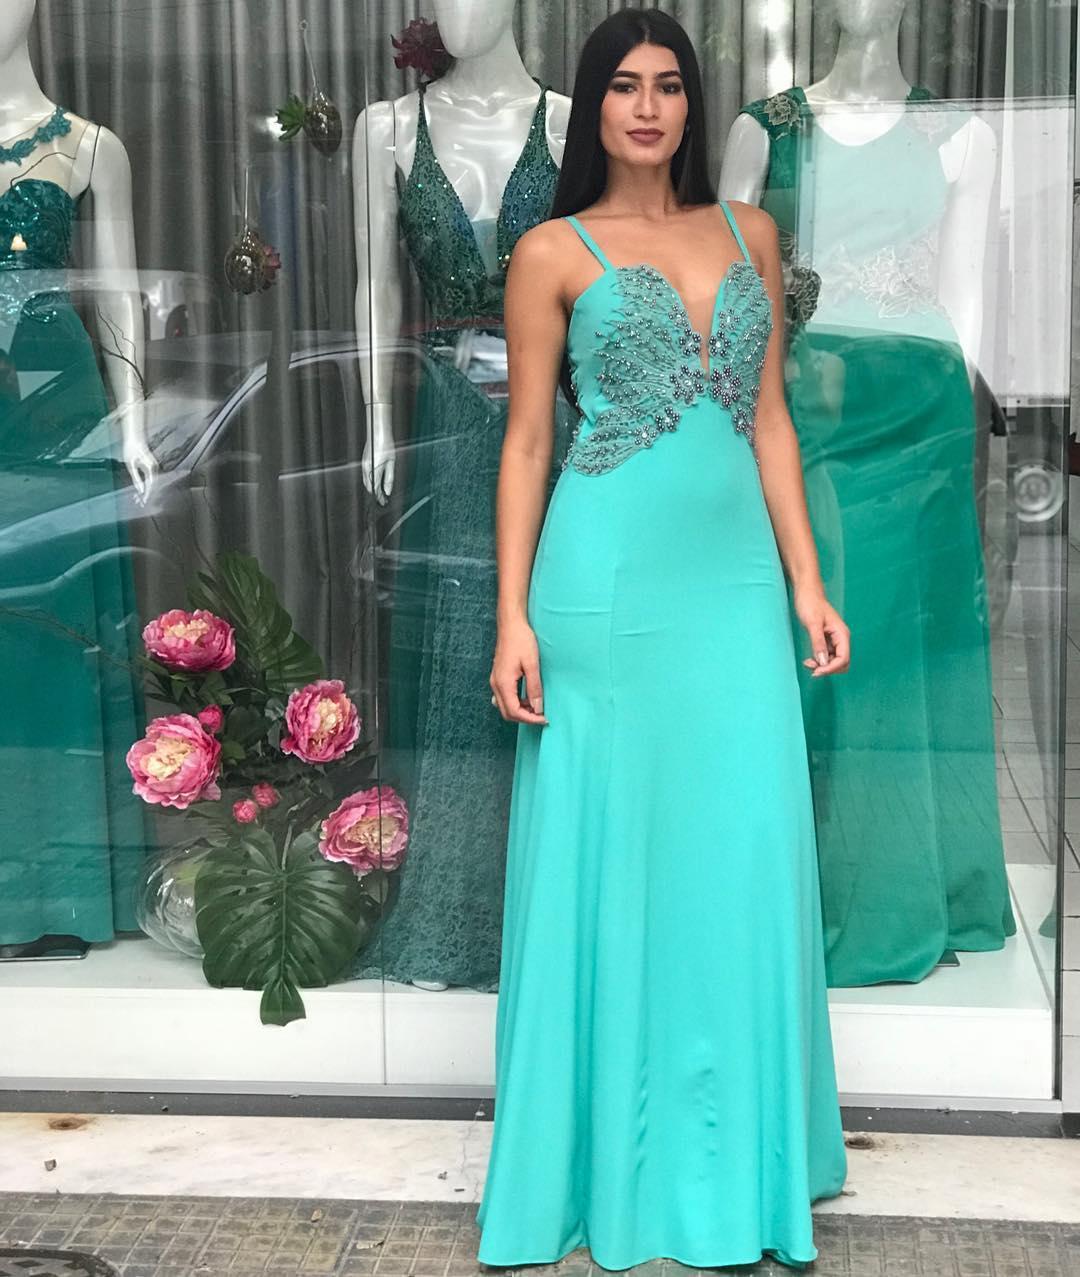 Vestido azul Tiffany: 80 maneiras de usar essa cor